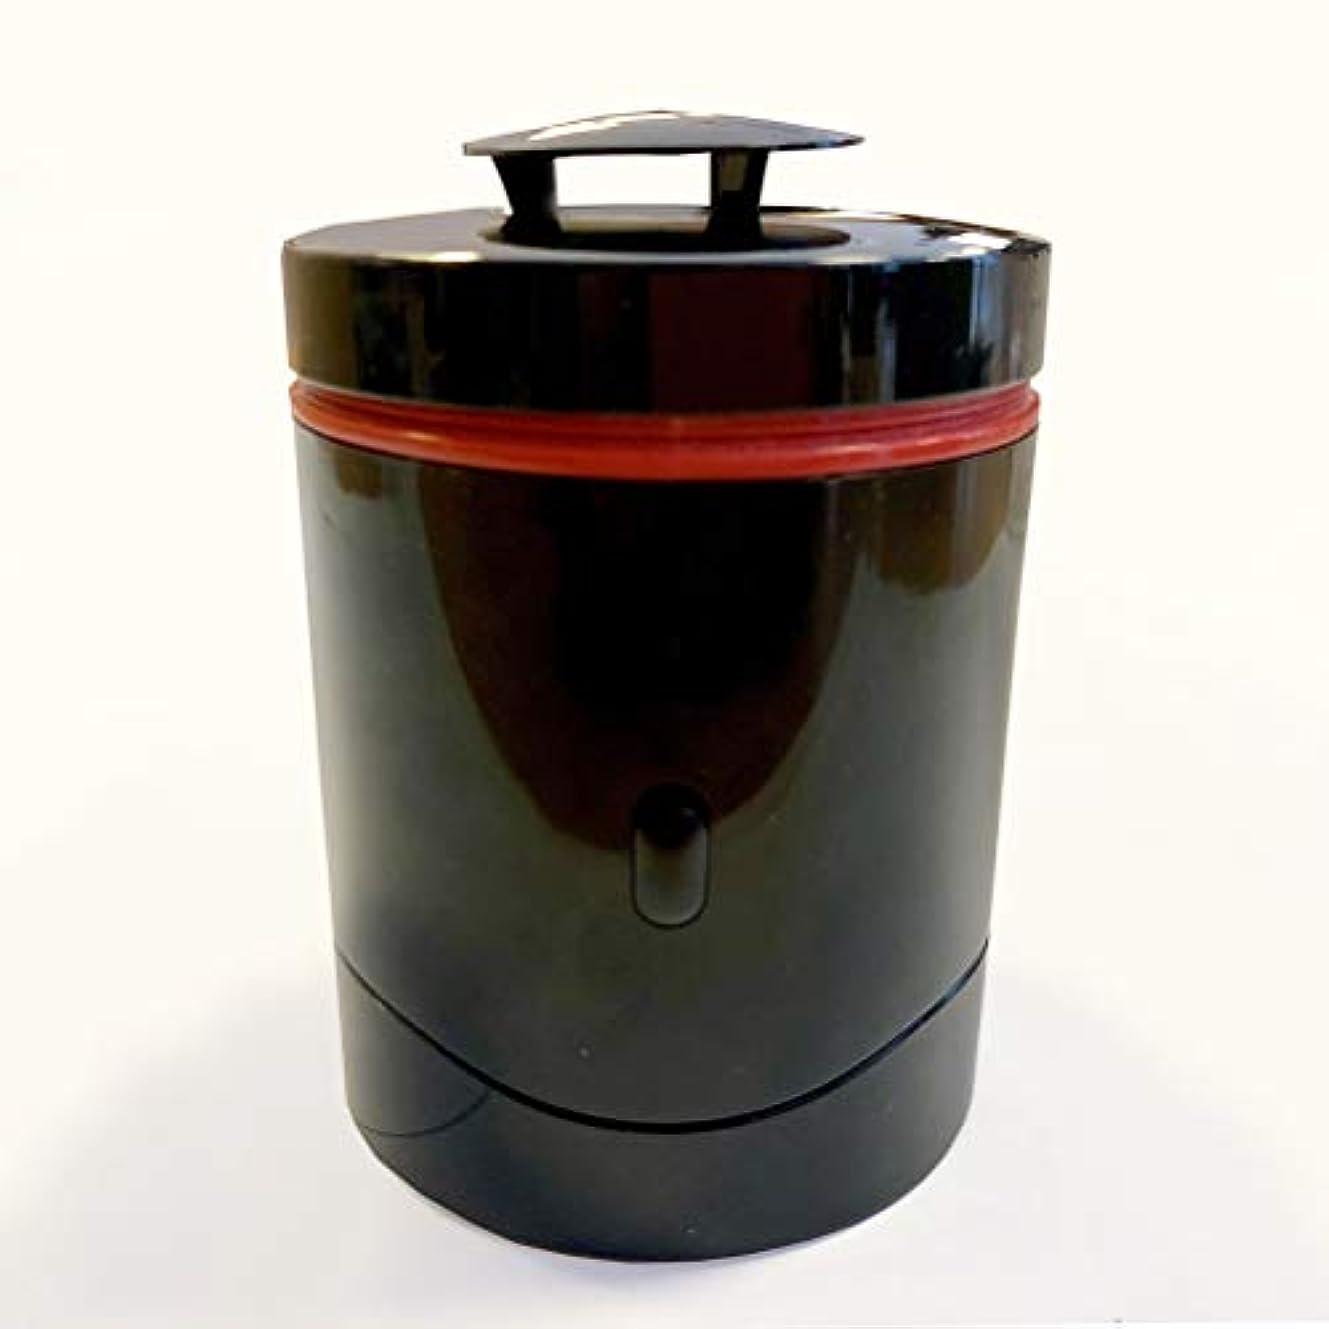 説明するフィッティング素晴らしさ電子香炉kioka Black